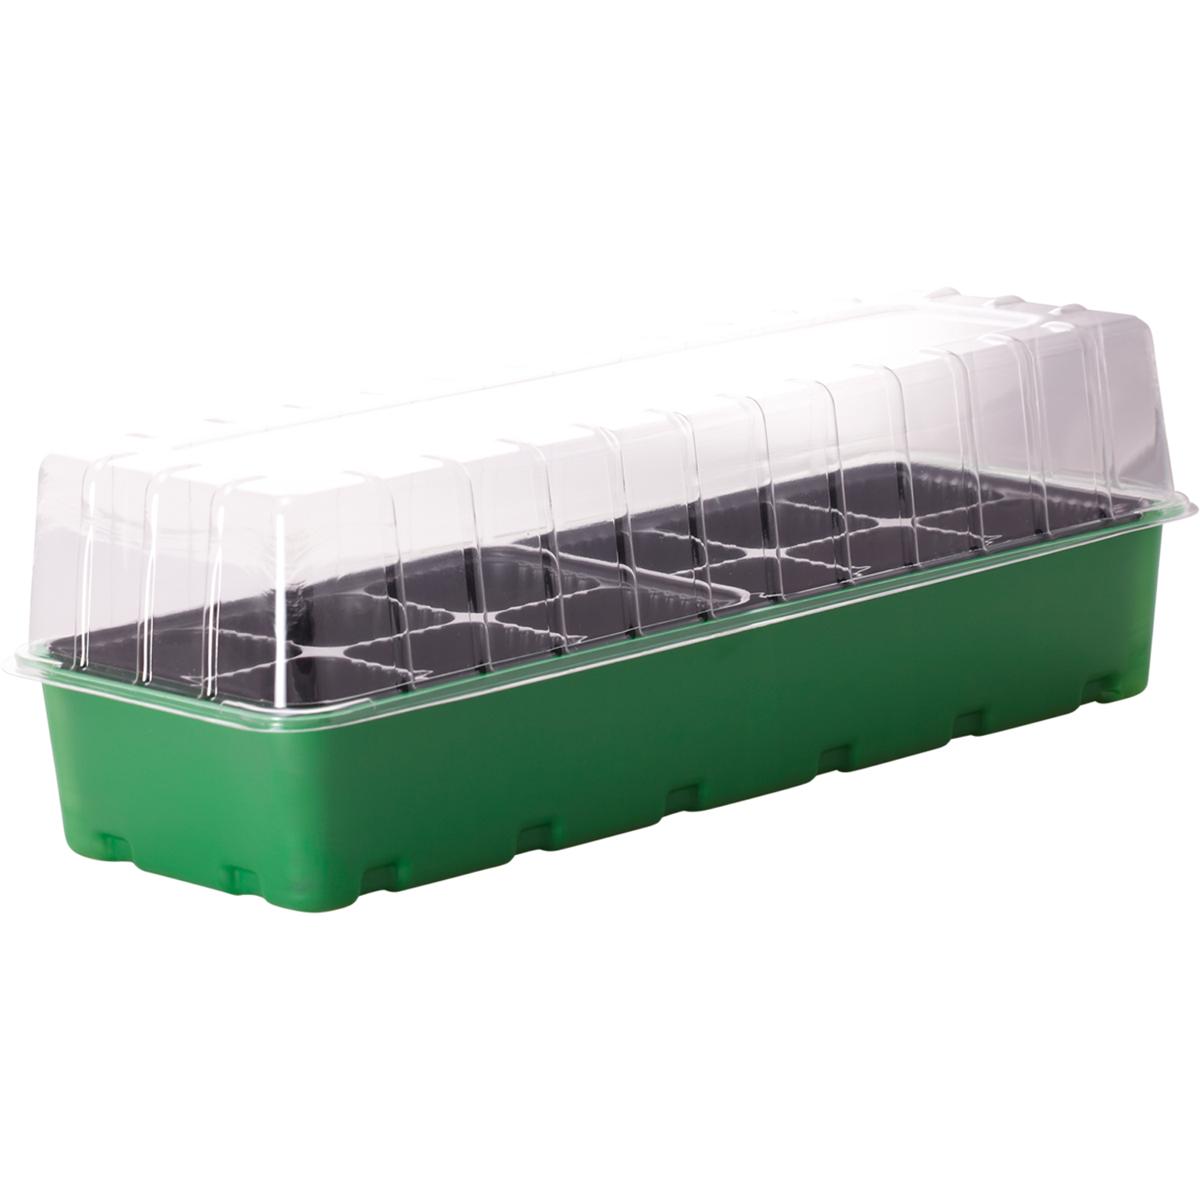 Минипарник для рассады InGreen, 12 ячеек, 40 х 17,4 х 13 смING60001FInGreen - компактный и удобный в использовании минипарник.Идеально подходит для выращивания рассады в домашнихусловиях. В комплекте: форма с ячейками под рассаду, поддондля стока лишней воды при поливе и крышка для созданияблагоприятного микроклимата для быстрой всхожести и ростарассады.Размер изделия: 40 х 17,4 х 13 см.